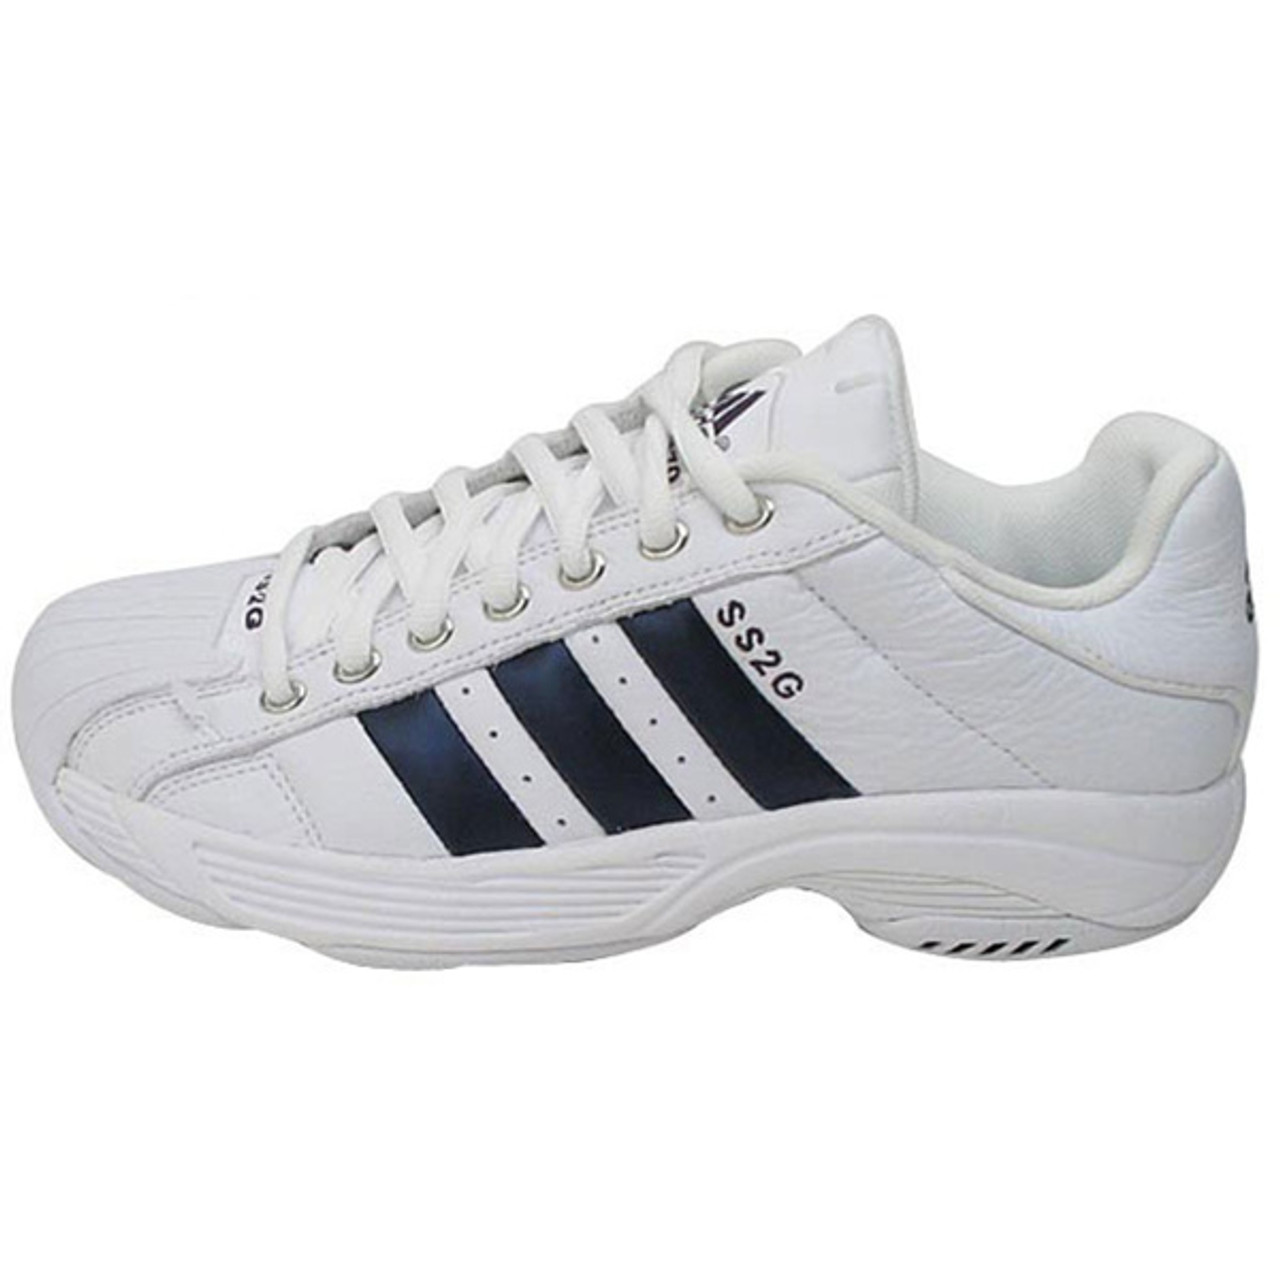 Superstar 2G Women's Basketball Shoe